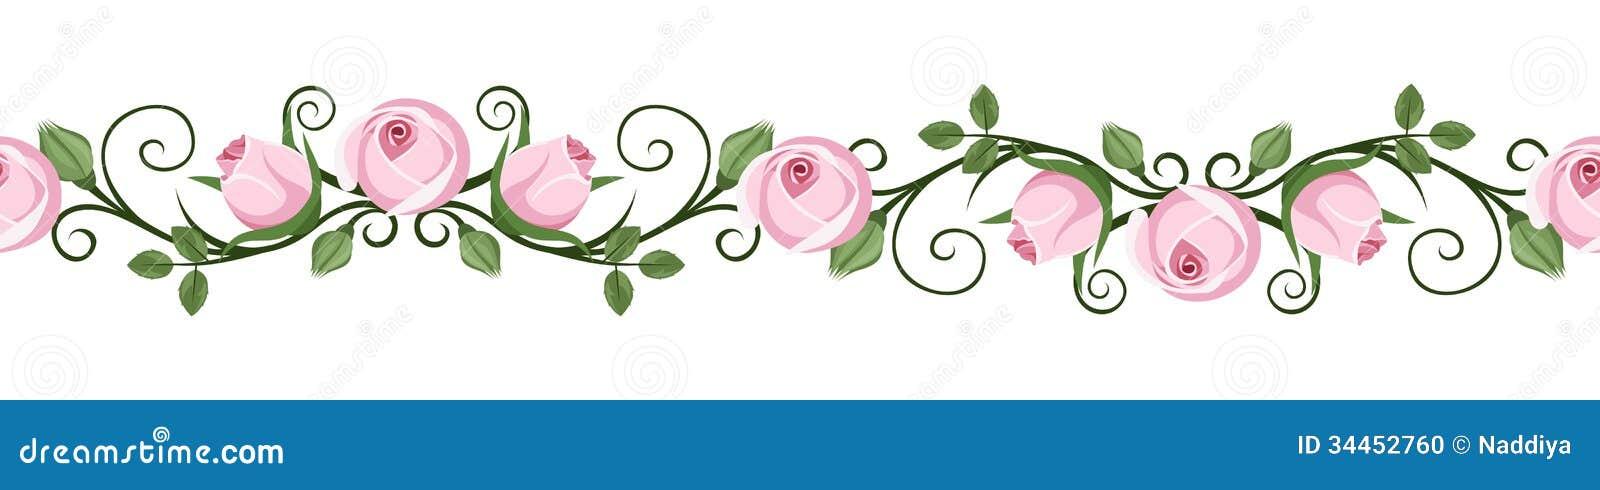 Horizontale nahtlose Vignetten der Weinlese mit Rosarose knospt. Vektorillustration.